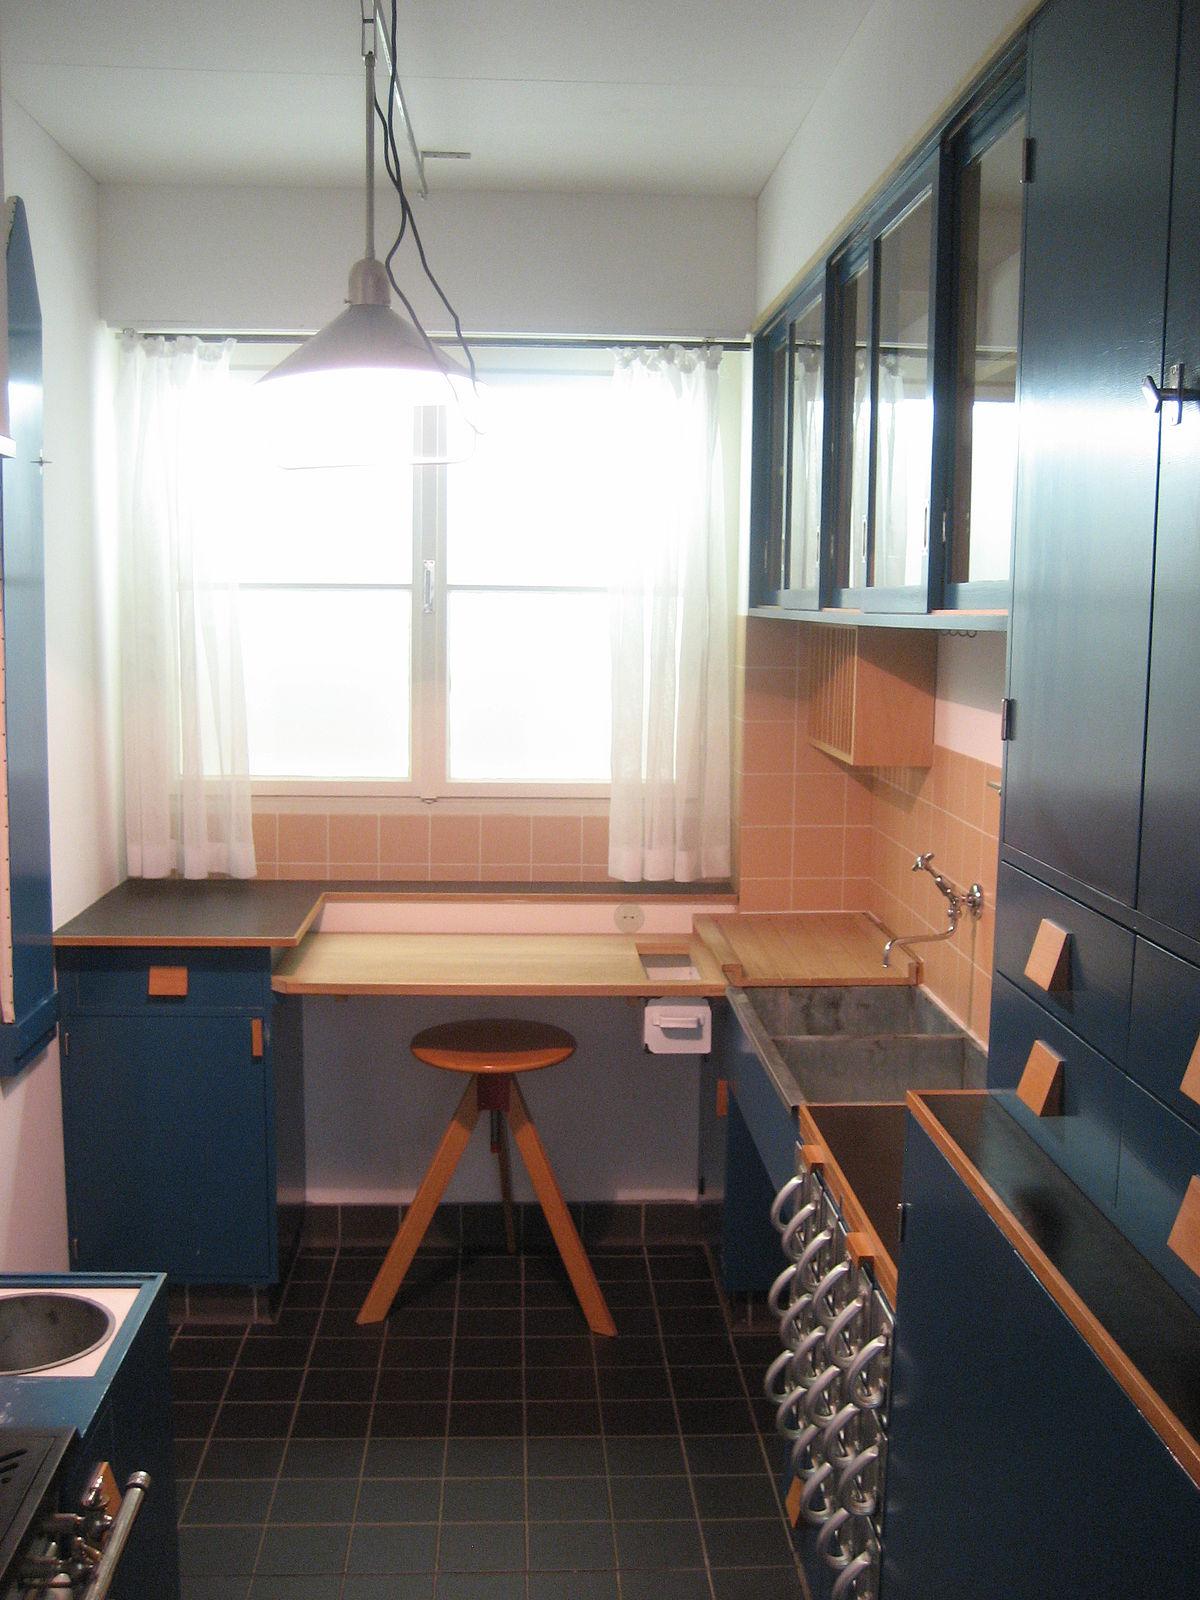 Full Size of Sockelblende Küche Zuschneiden Küche Blende Oben Küche Blende Unten Entfernen Klemme Für Küche Blende Küche Küche Blende